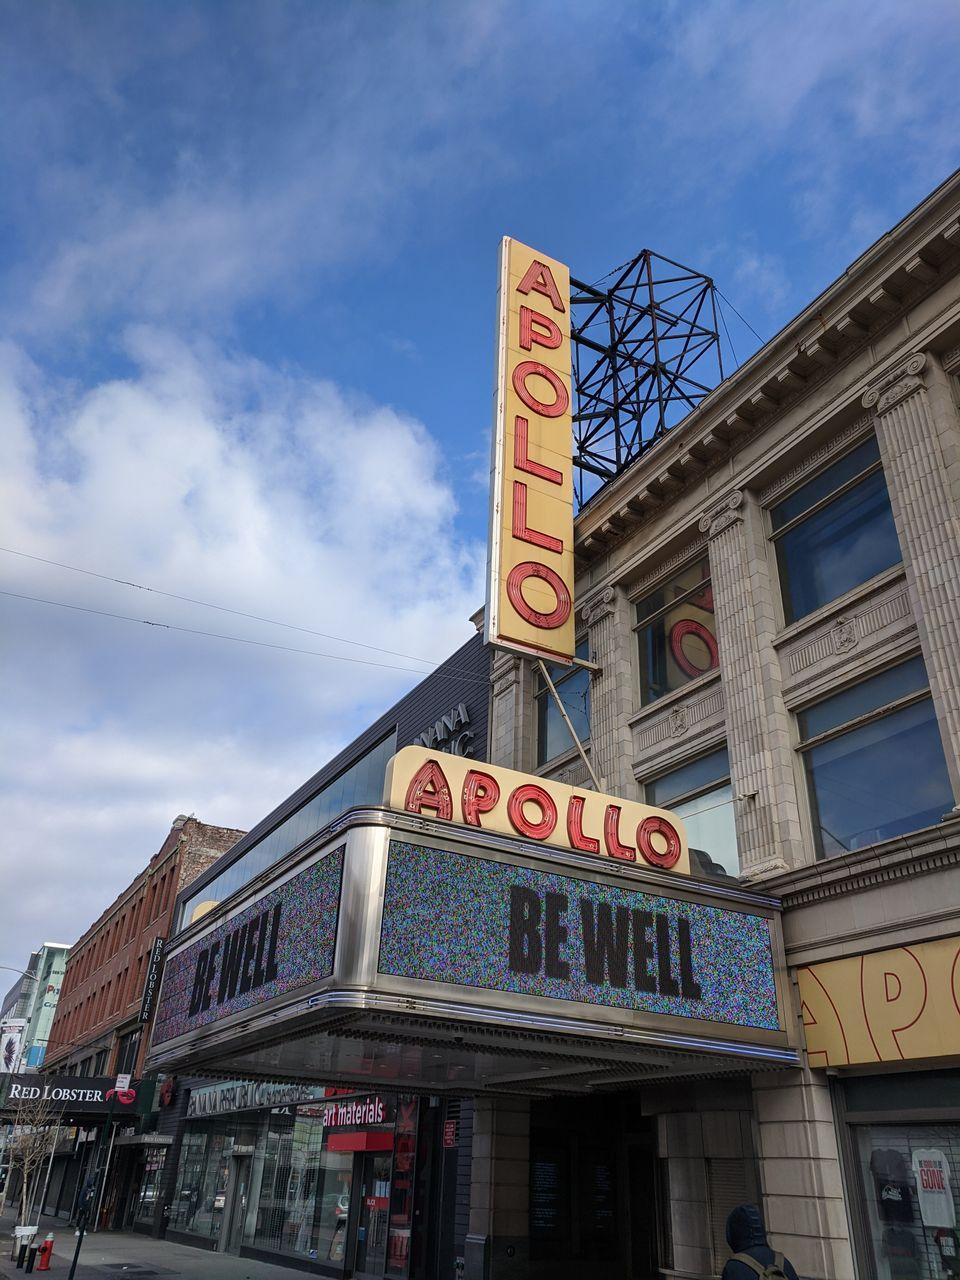 Το ιστορικό Apollo Theater του Χάρλεμ, εύχεται